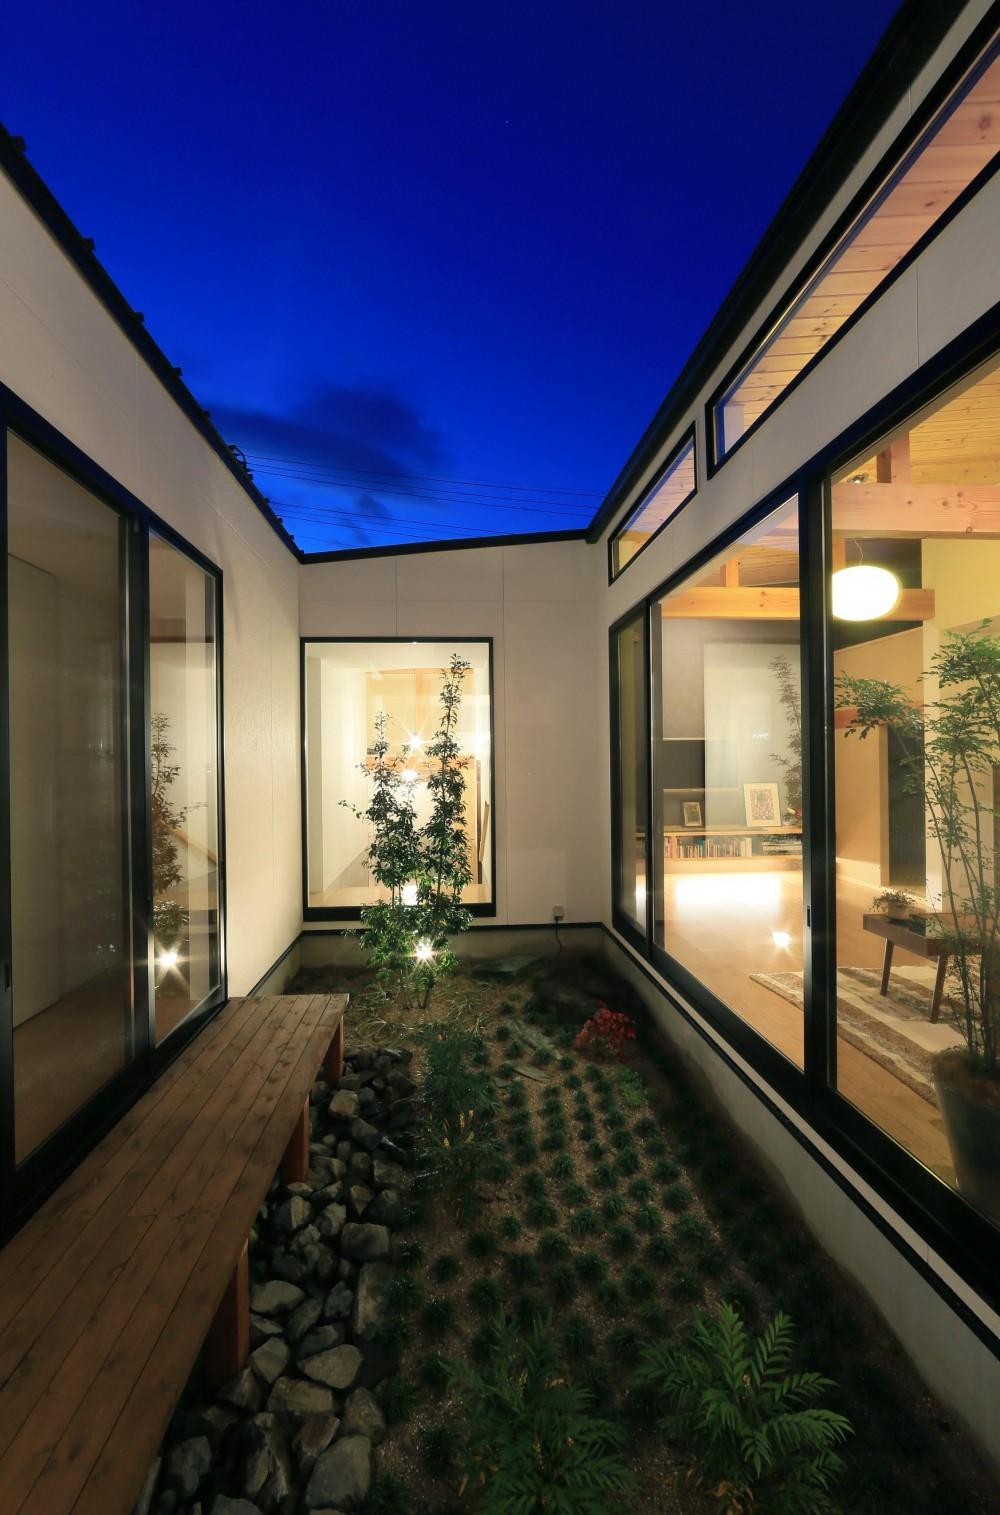 暗かった庭に光が差し込む。毎朝のラジオ体操が日課になる。暮らし方が楽しく変わる、建築家の平屋建て。 (中庭)